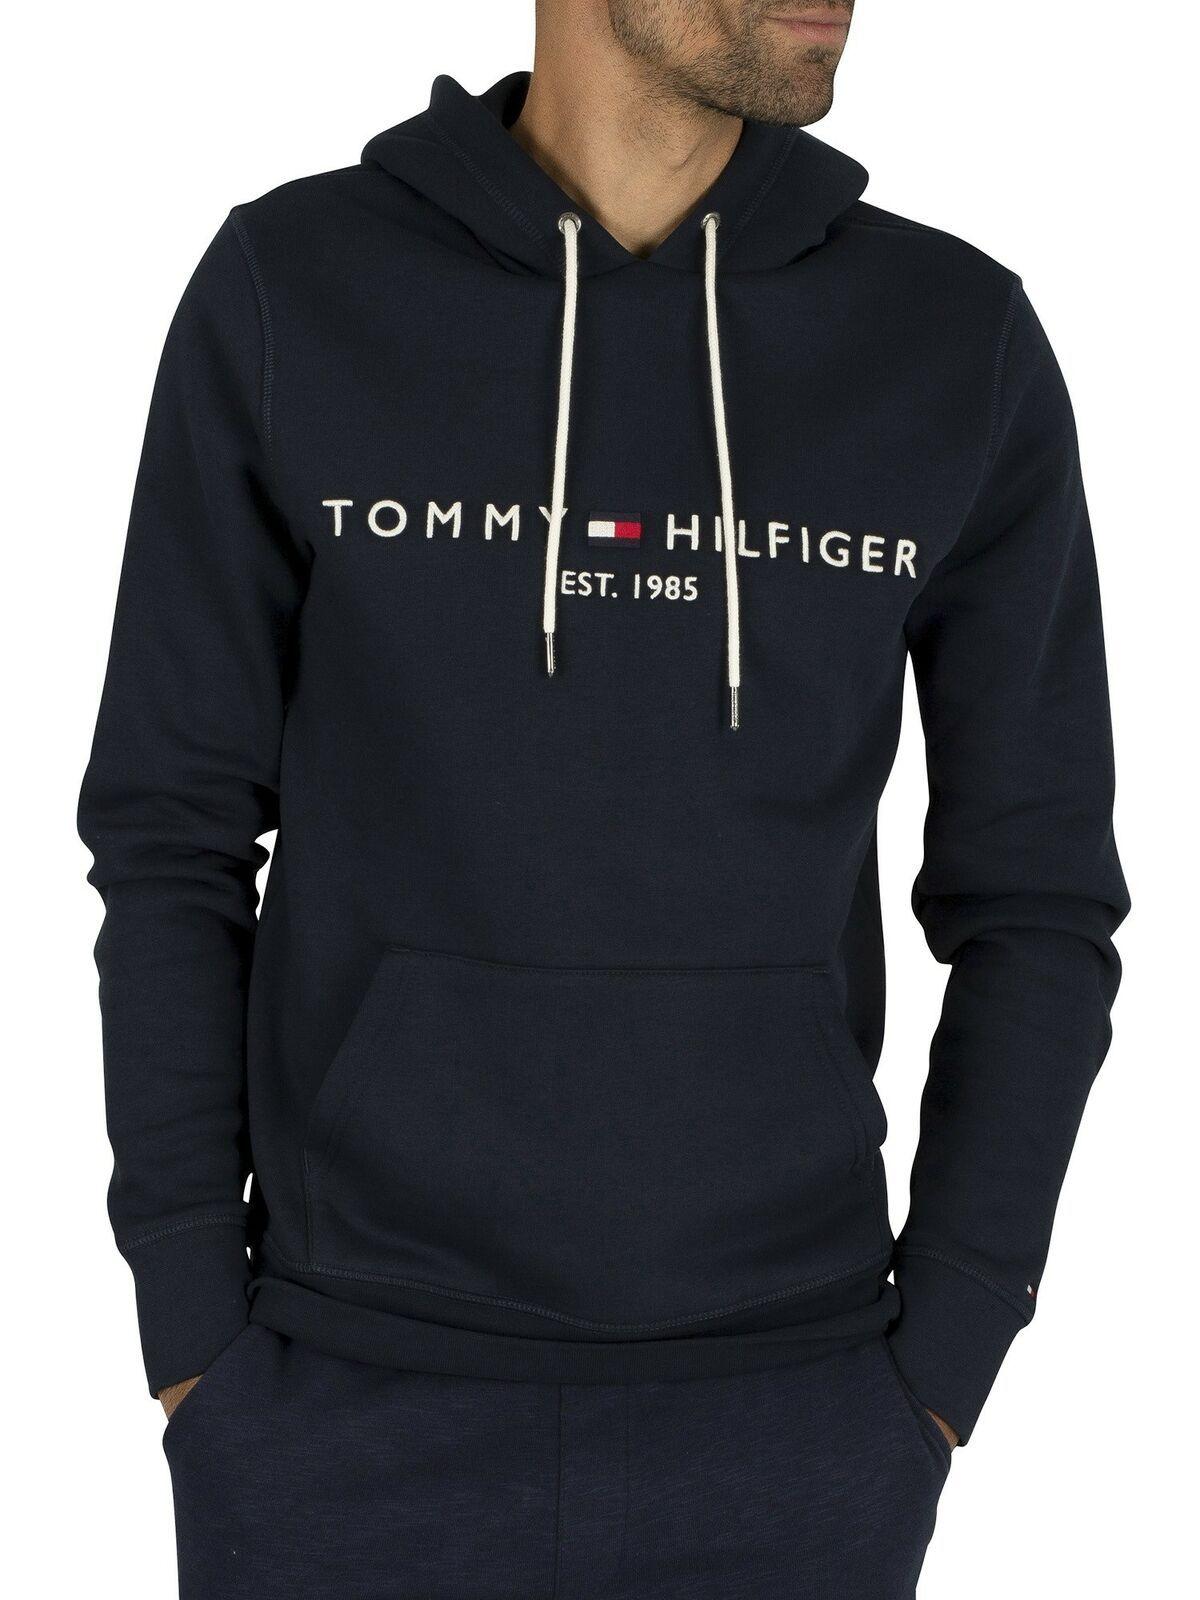 Tommy Hilfiger Sweatshirts Hoodie Hoodies Hoodies Men [ 1600 x 1200 Pixel ]